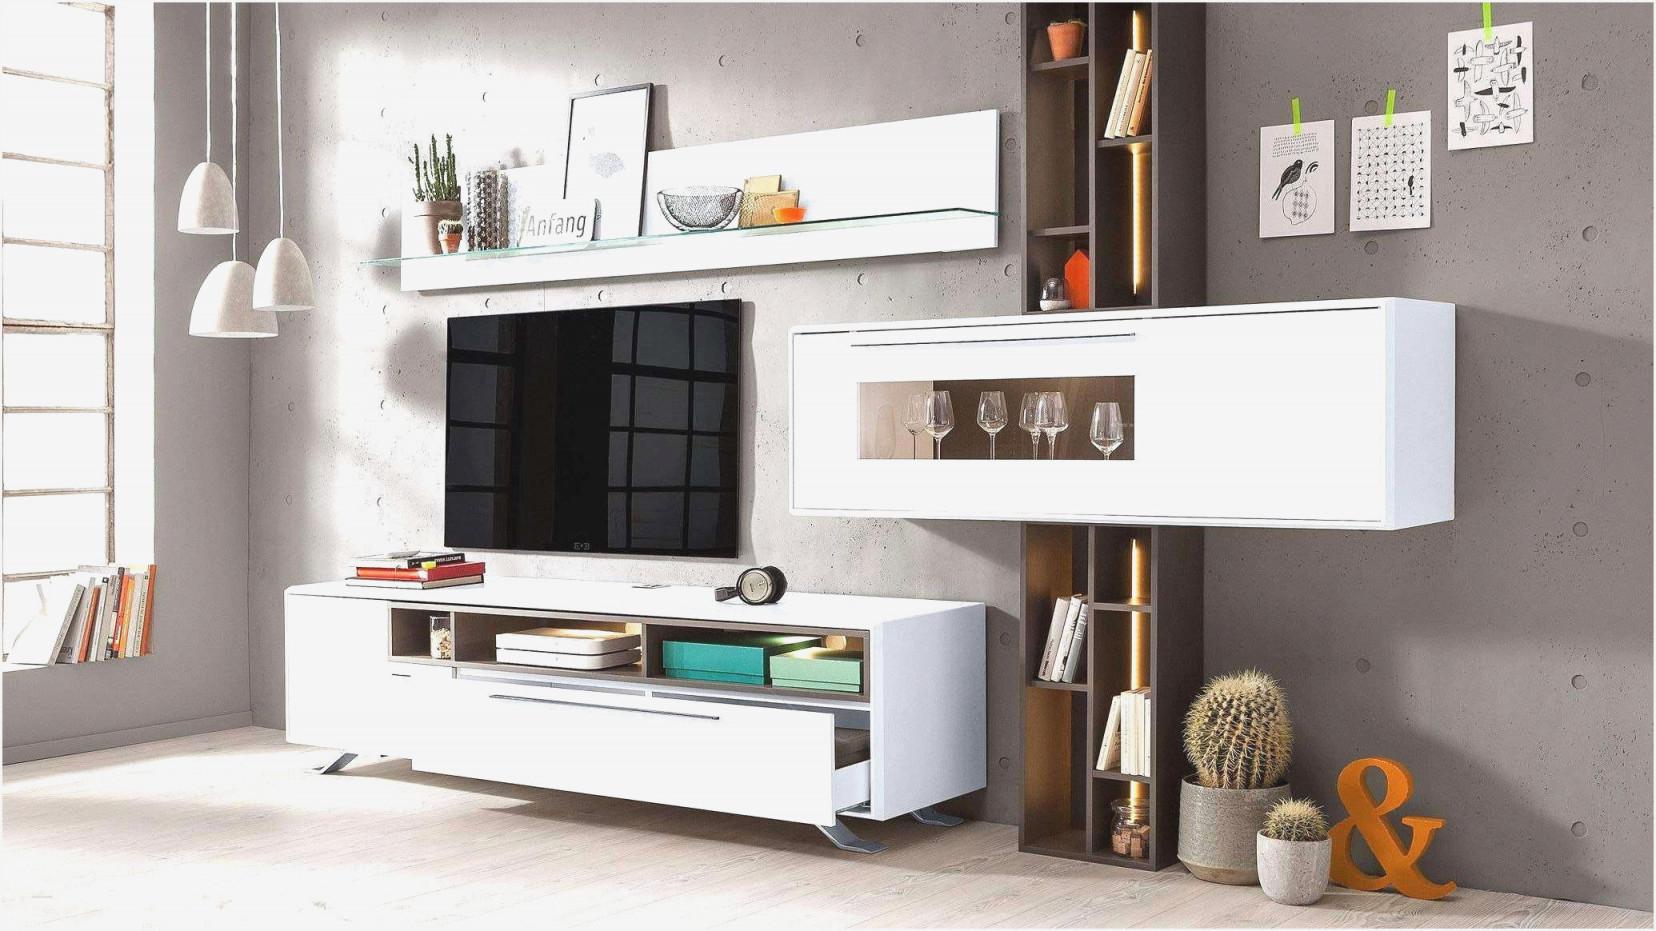 Stilvolle Deko Wohnzimmer  Wohnzimmer  Traumhaus von Stilvolle Deko Wohnzimmer Bild